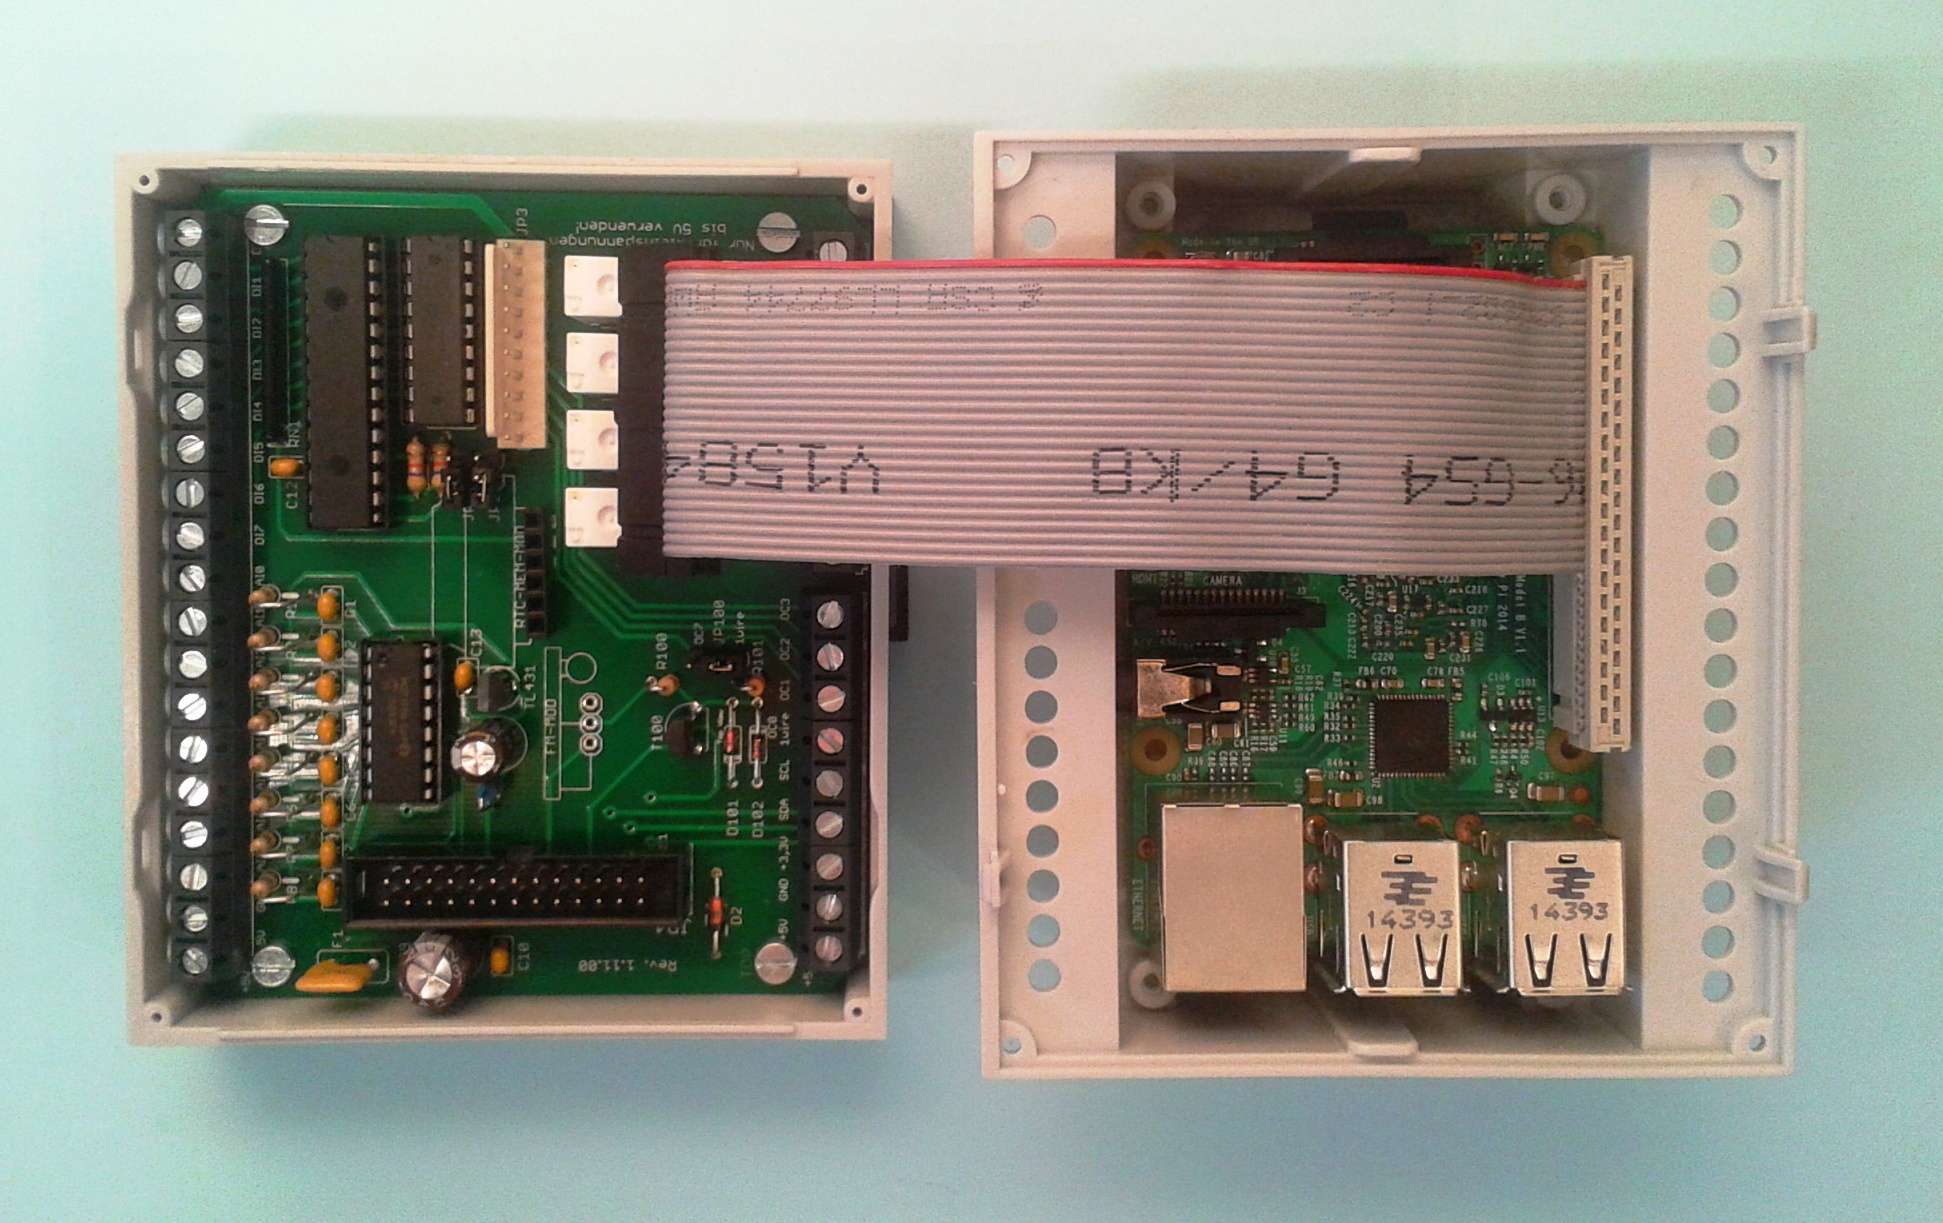 Raspberry Pi Io Erweiterung 1wire Analog Digital Relais I2c Wiringpi Gpio Mcp23017 Bild 4 Hubo Und B Im Hutschienengehuse Auch Fr Das Modell 2b Mglich